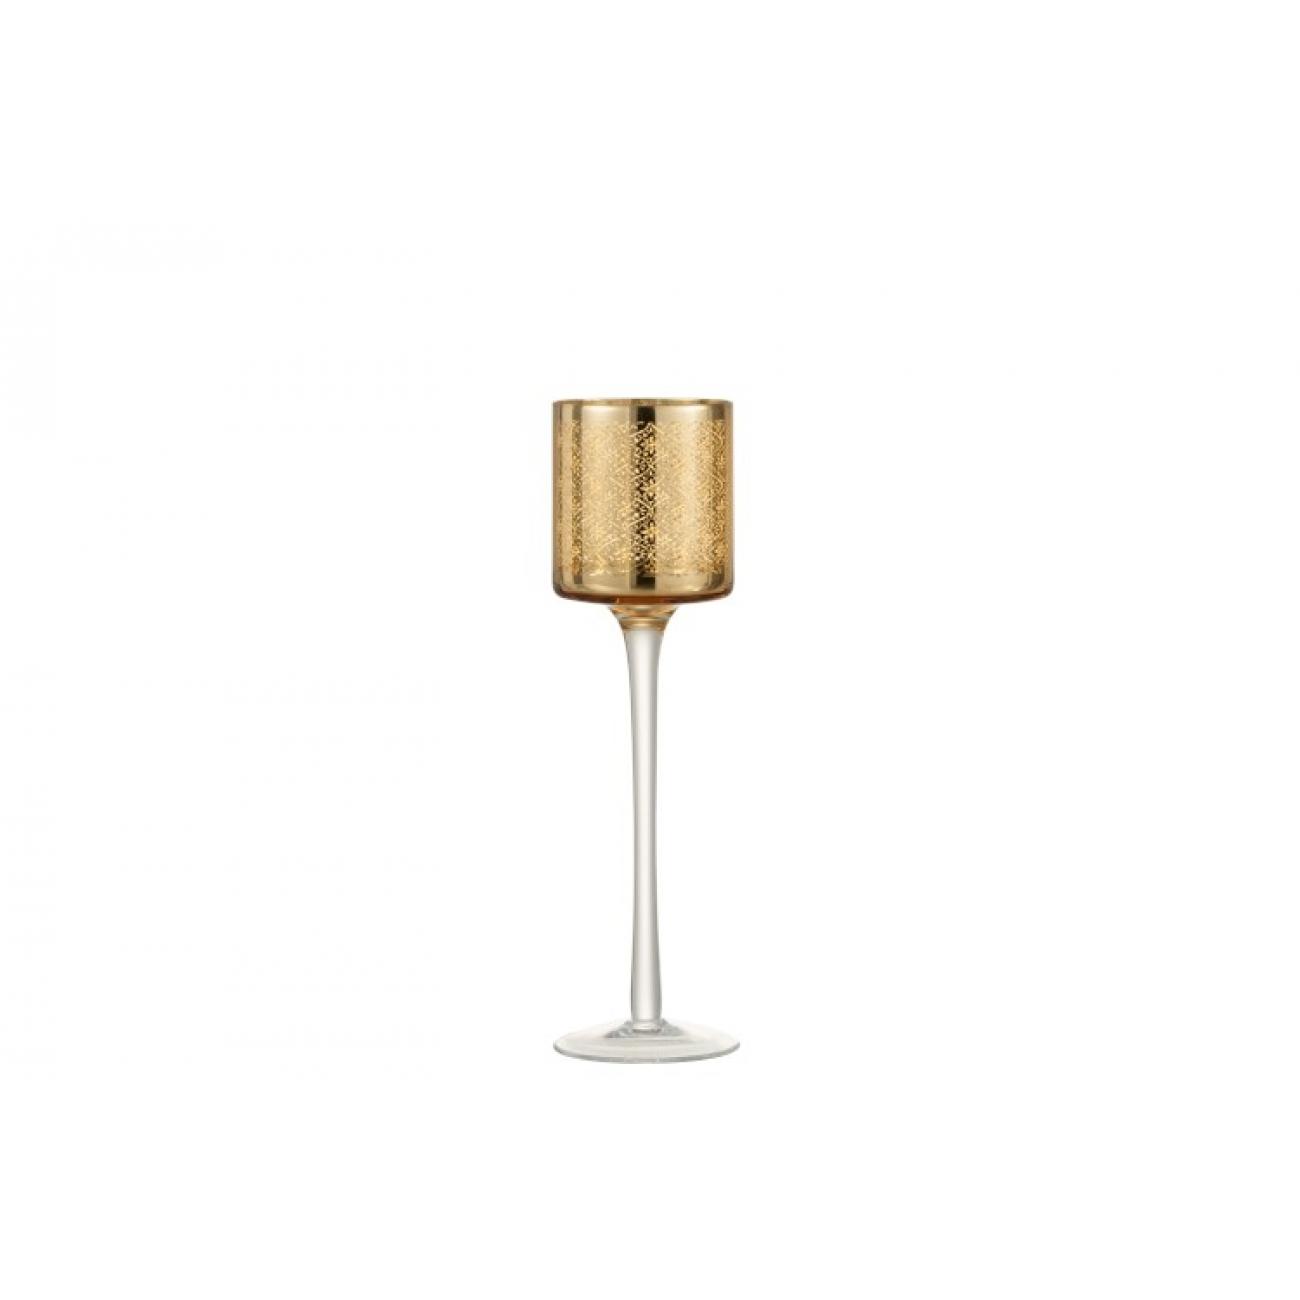 Подсвечник J-LINE золотой стеклянный на тонкой ножке 25 см